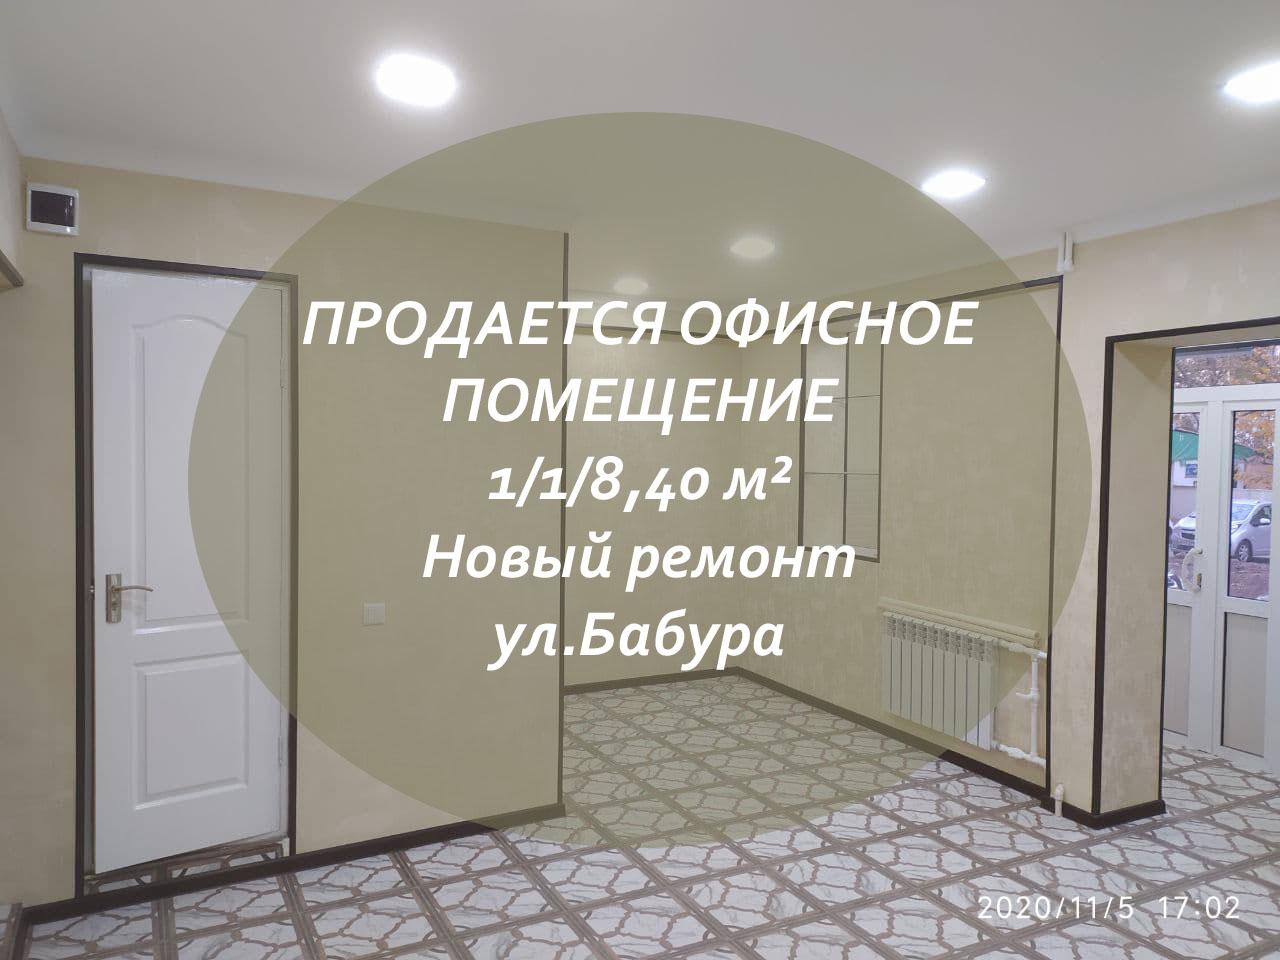 Купить офис 40 кв.м на ул.Бабура в Ташкенте